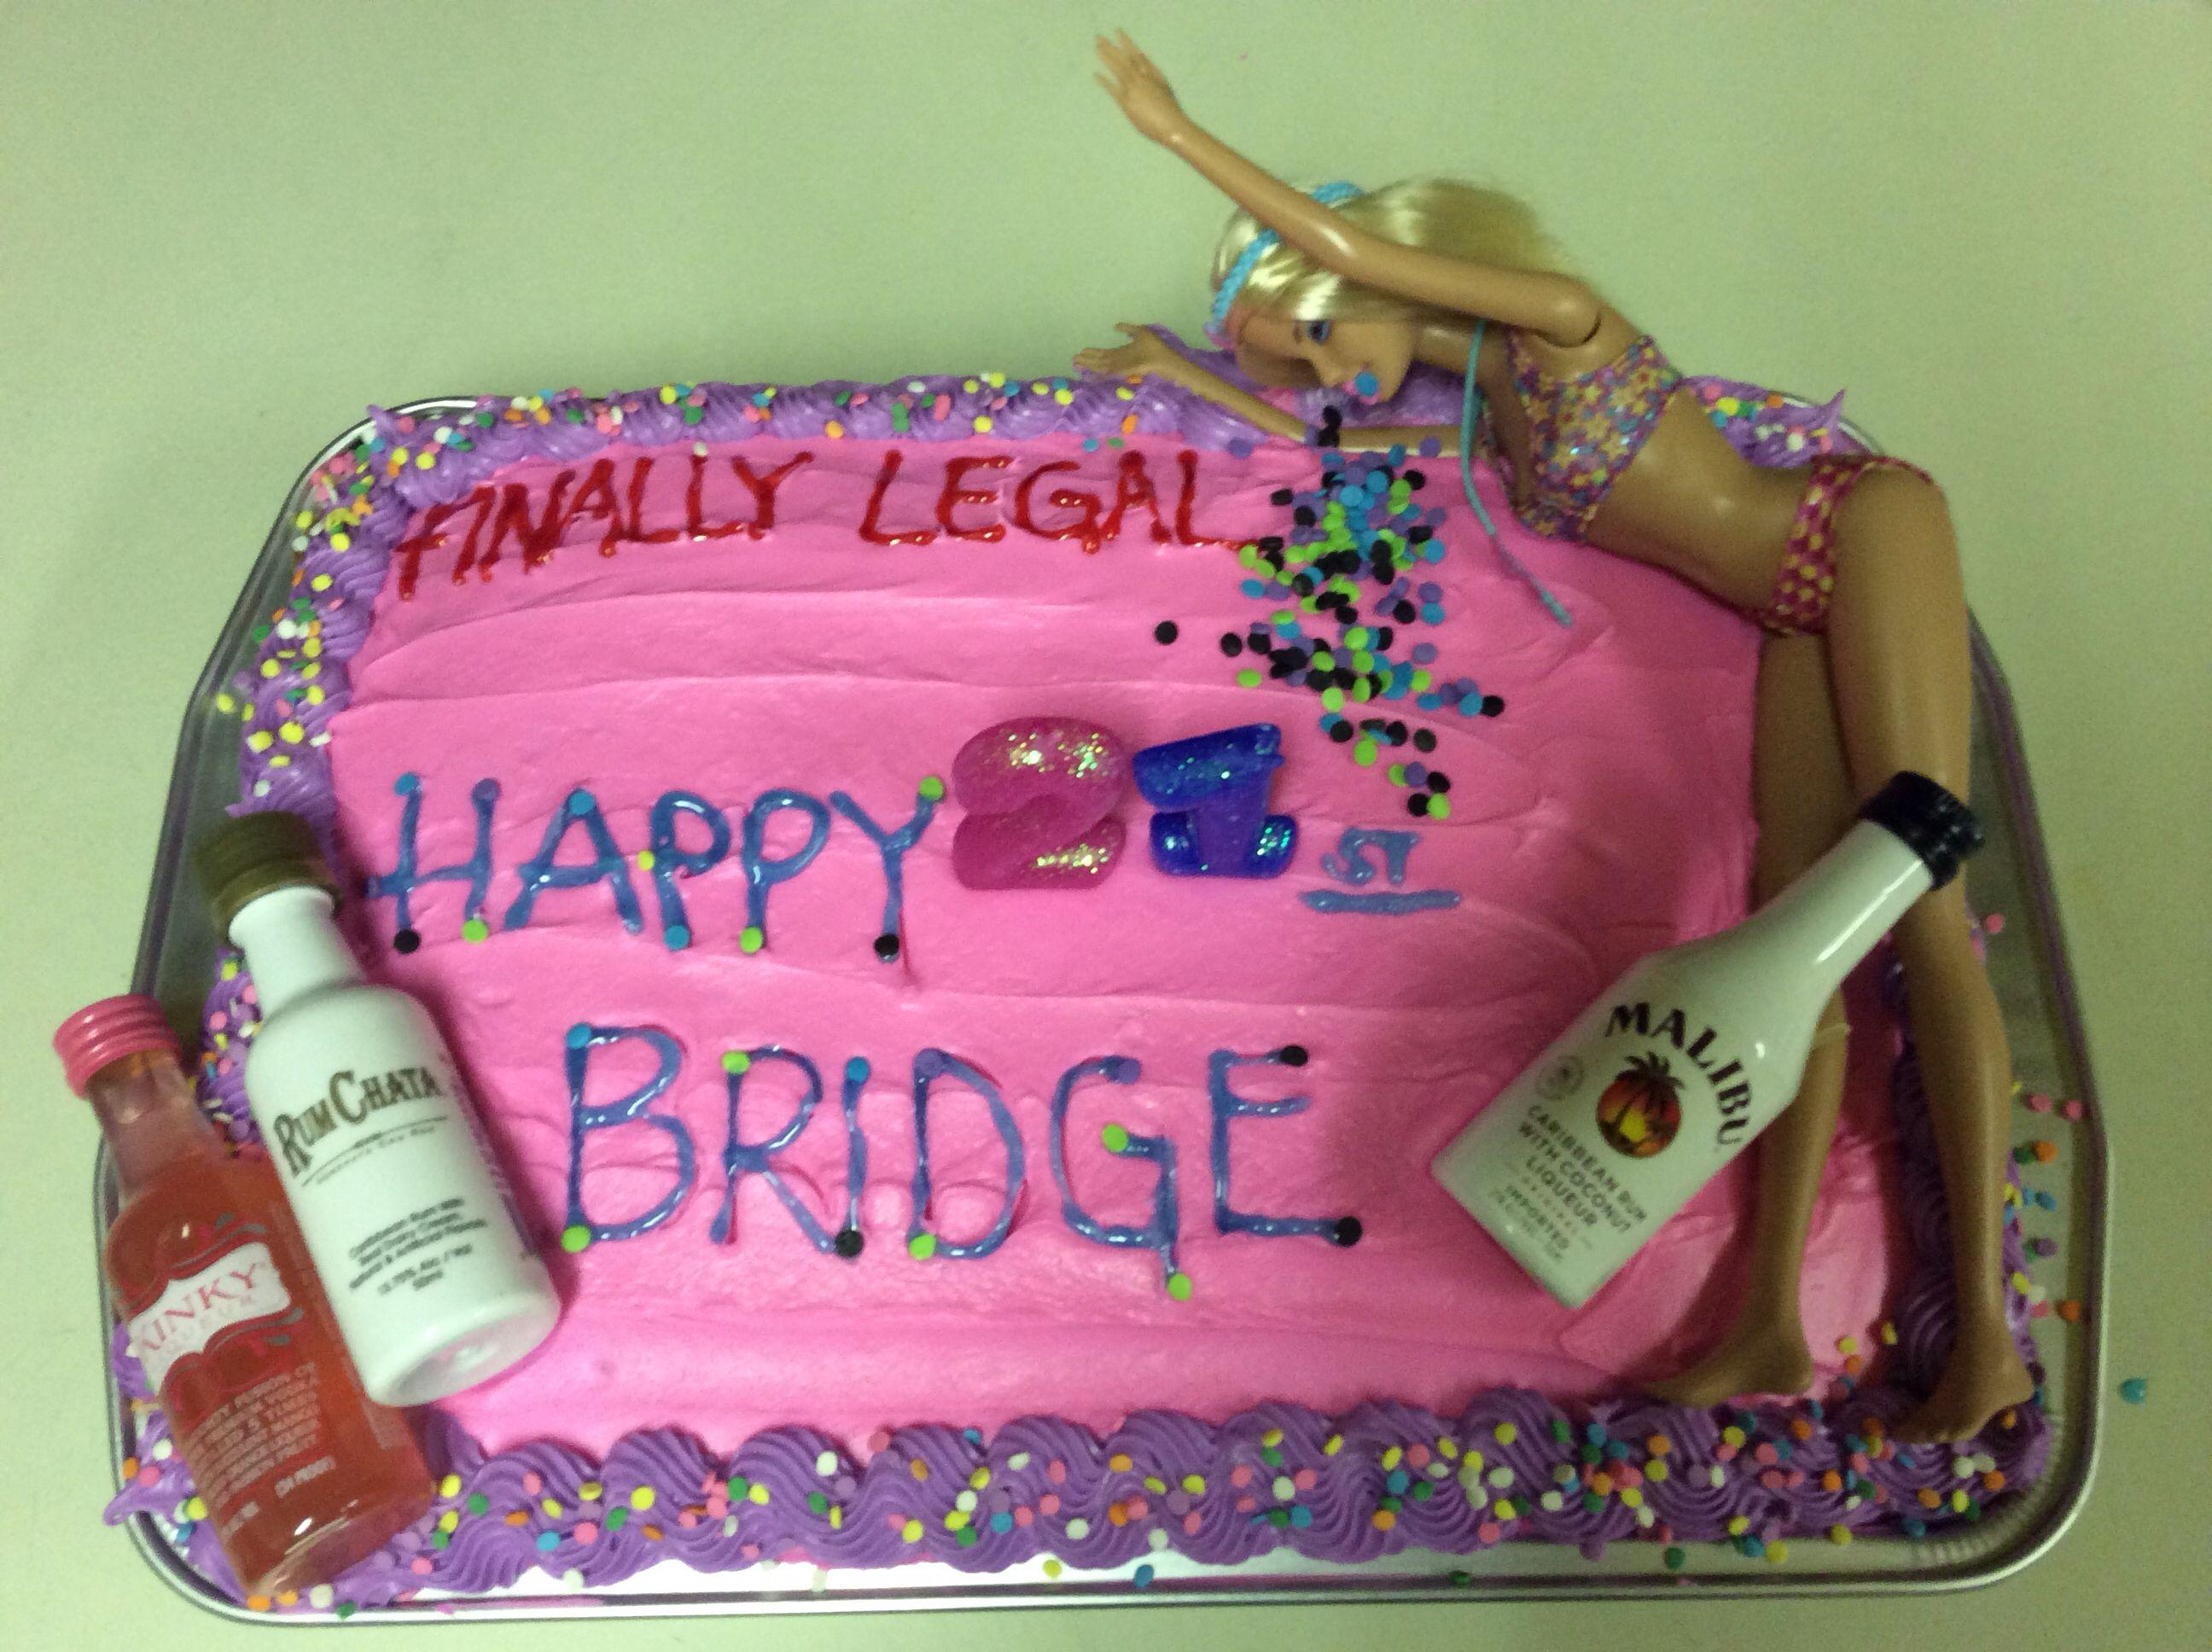 Drunken barbie birthday cake ideas and designs